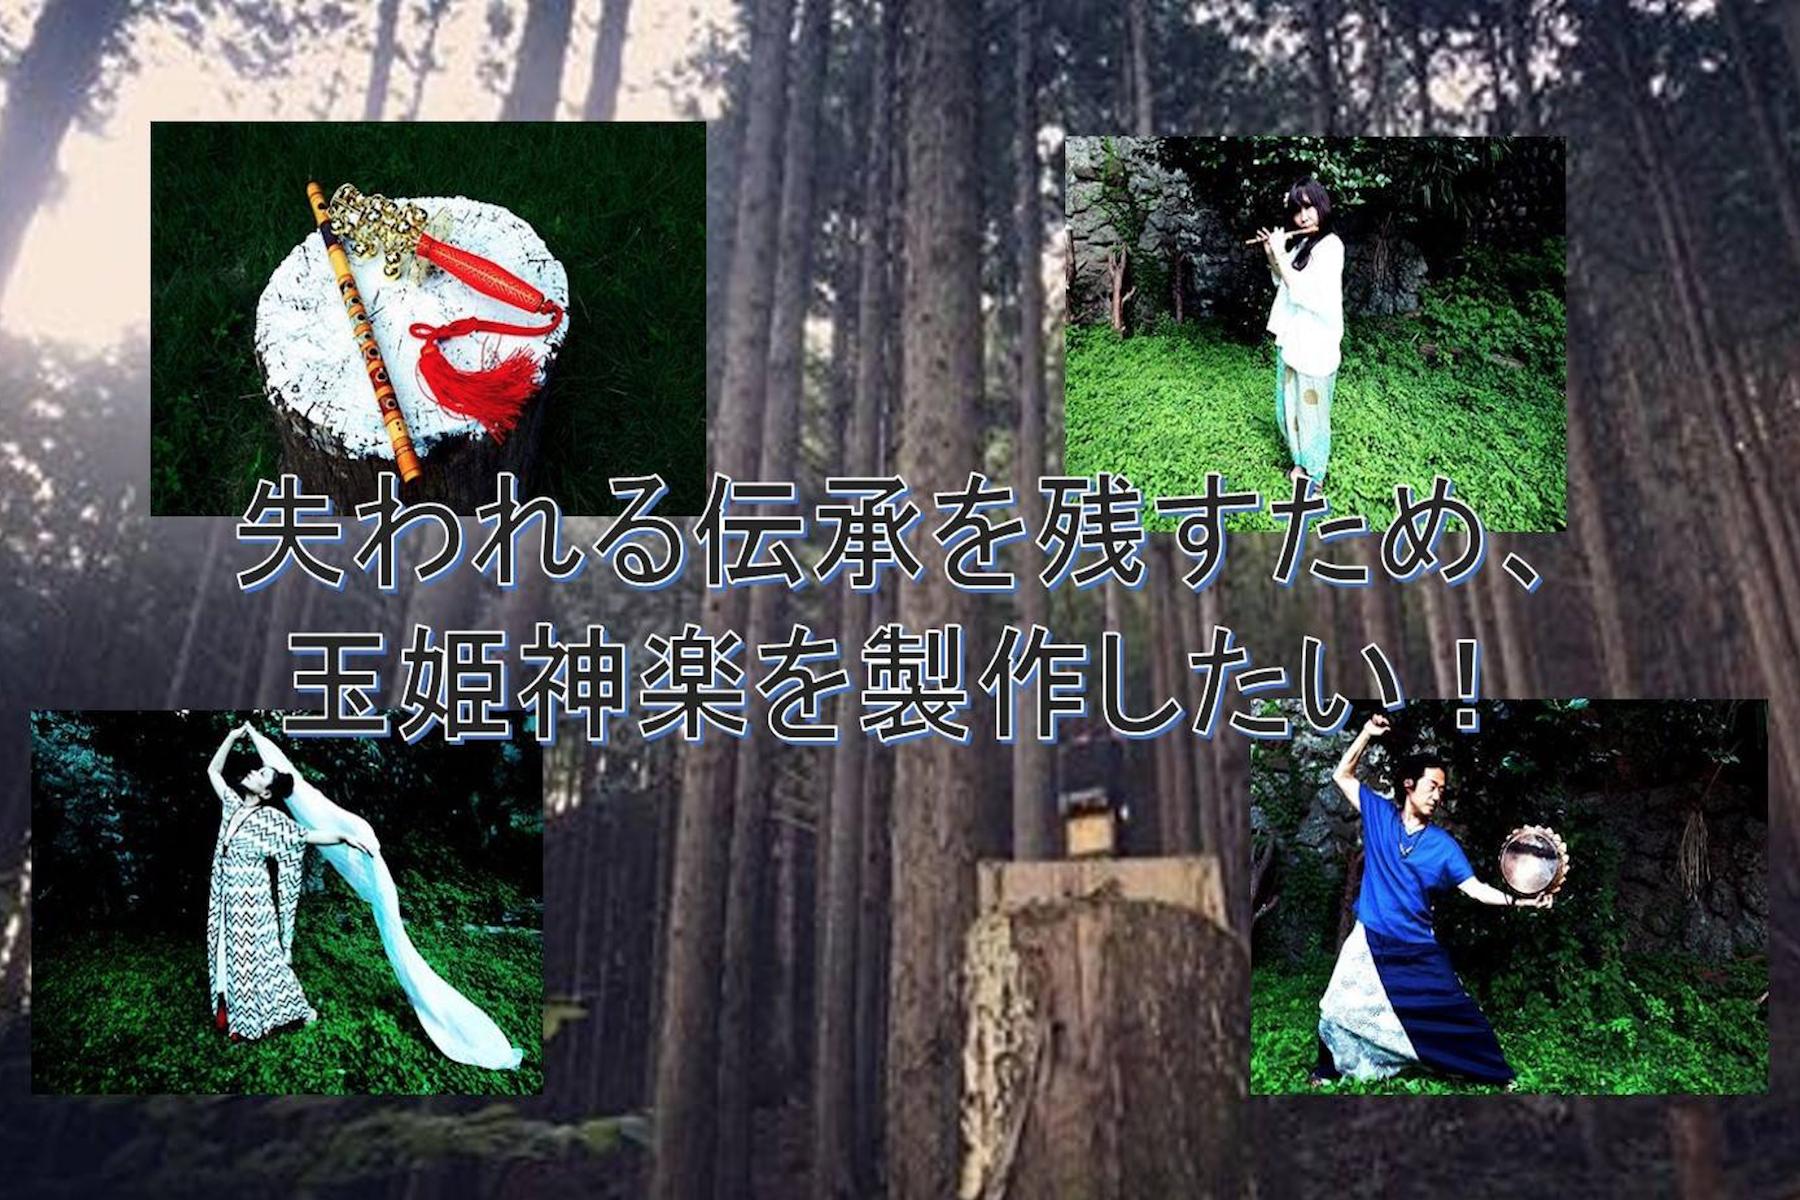 【珊月花】失われる伝承を残すため、玉姫神楽を製作したい!